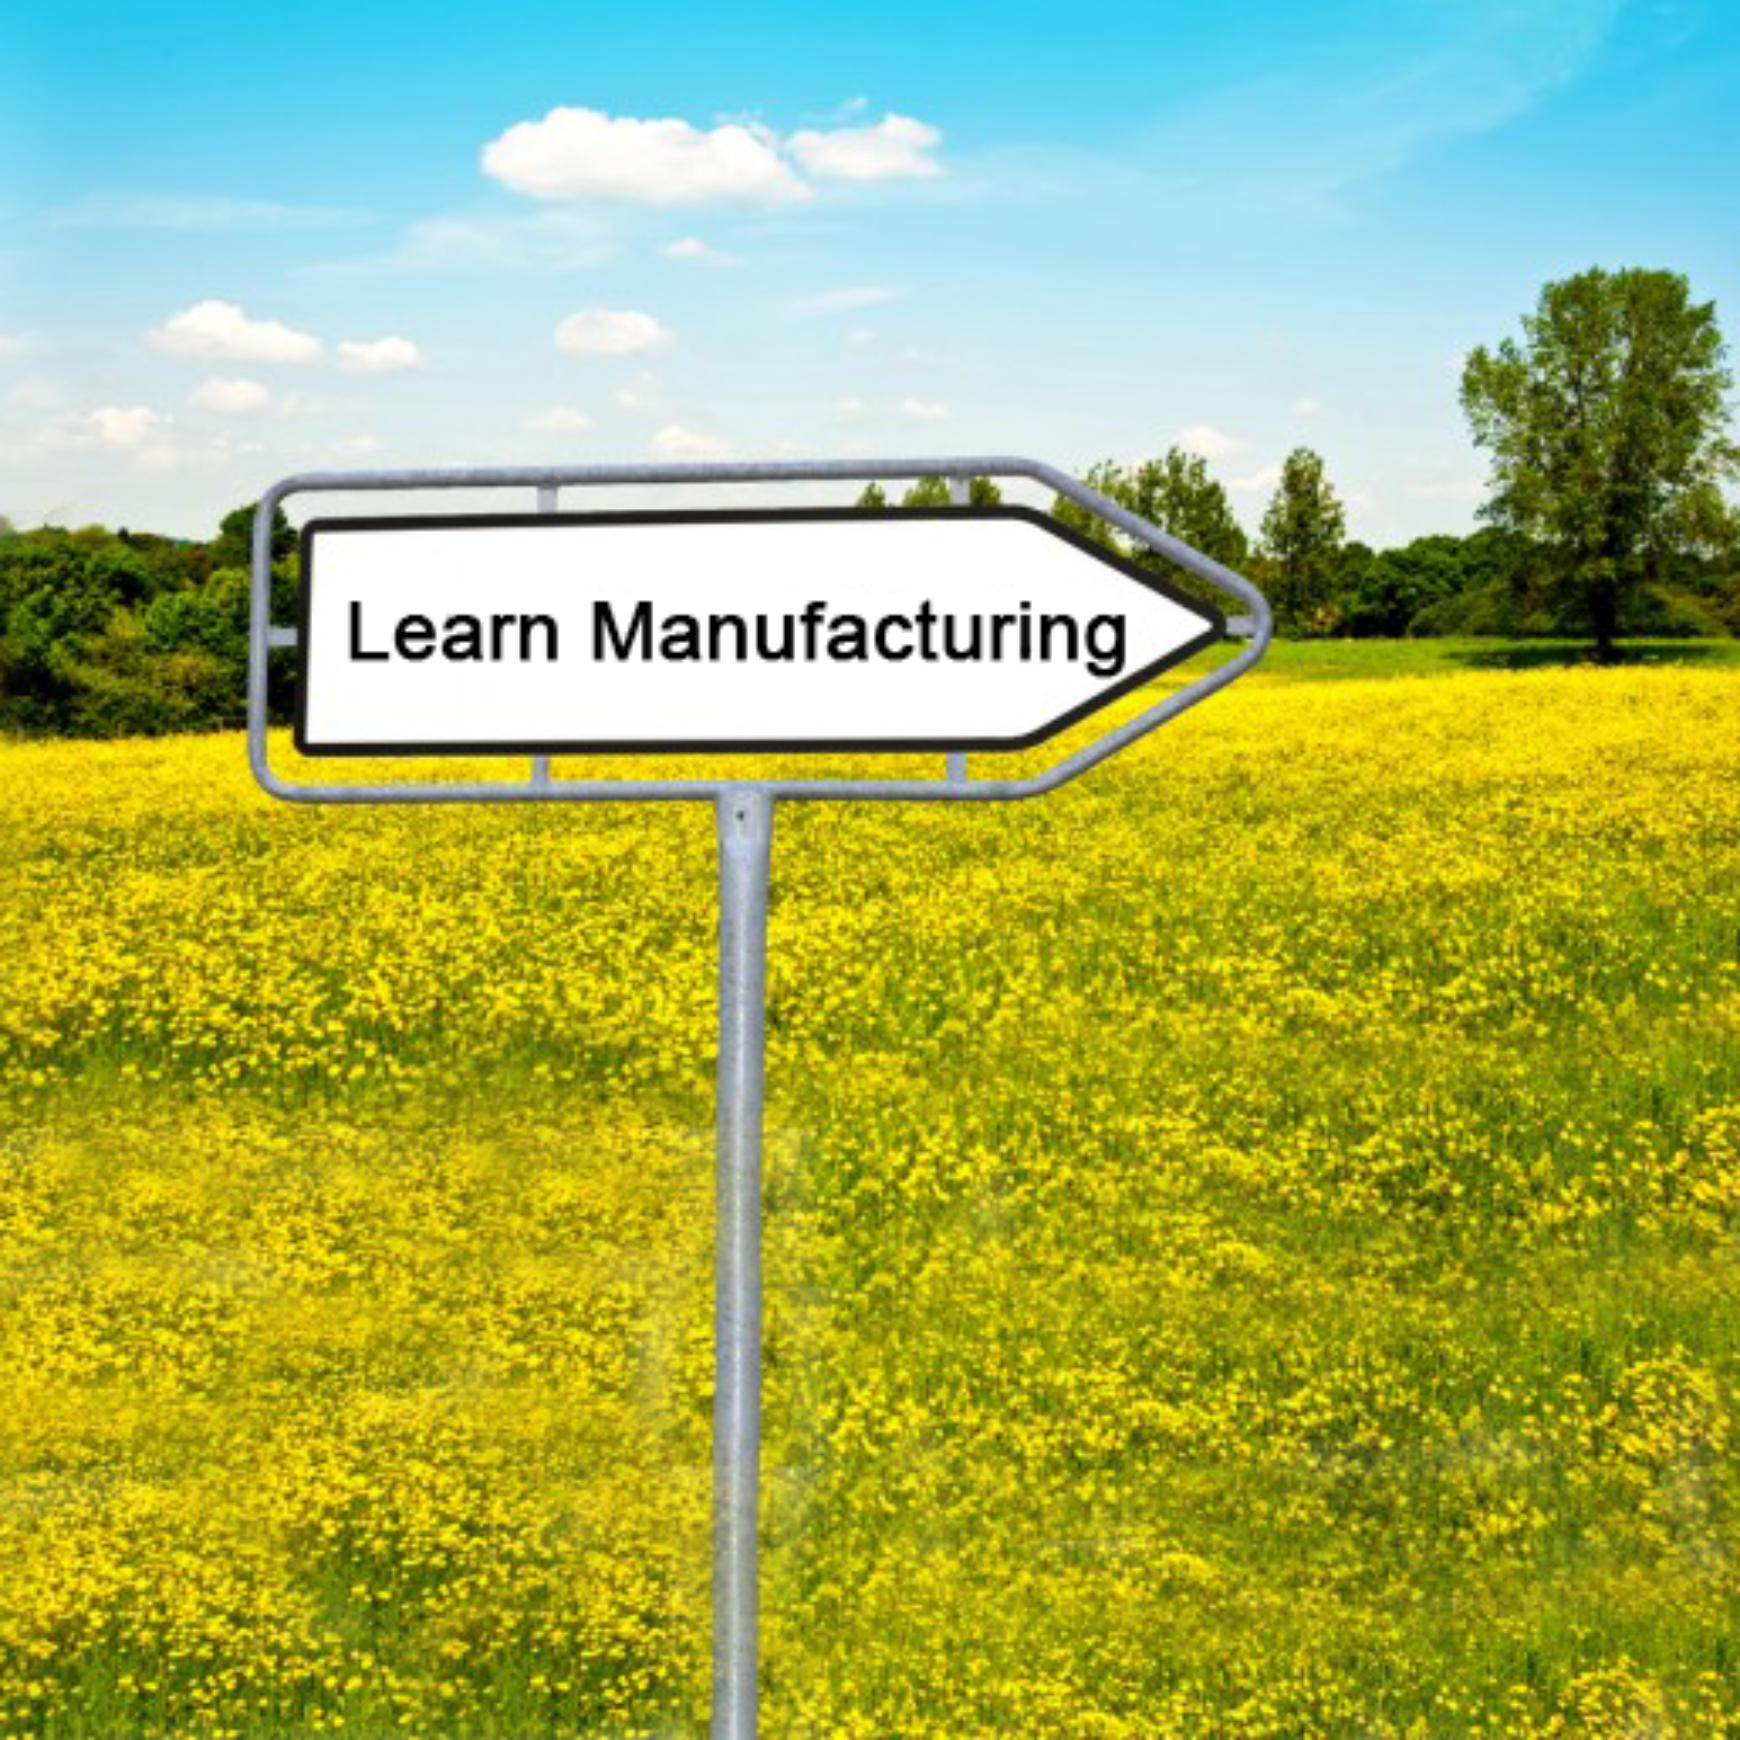 Menos desperdício e mais resultados com Lean Manufacturing